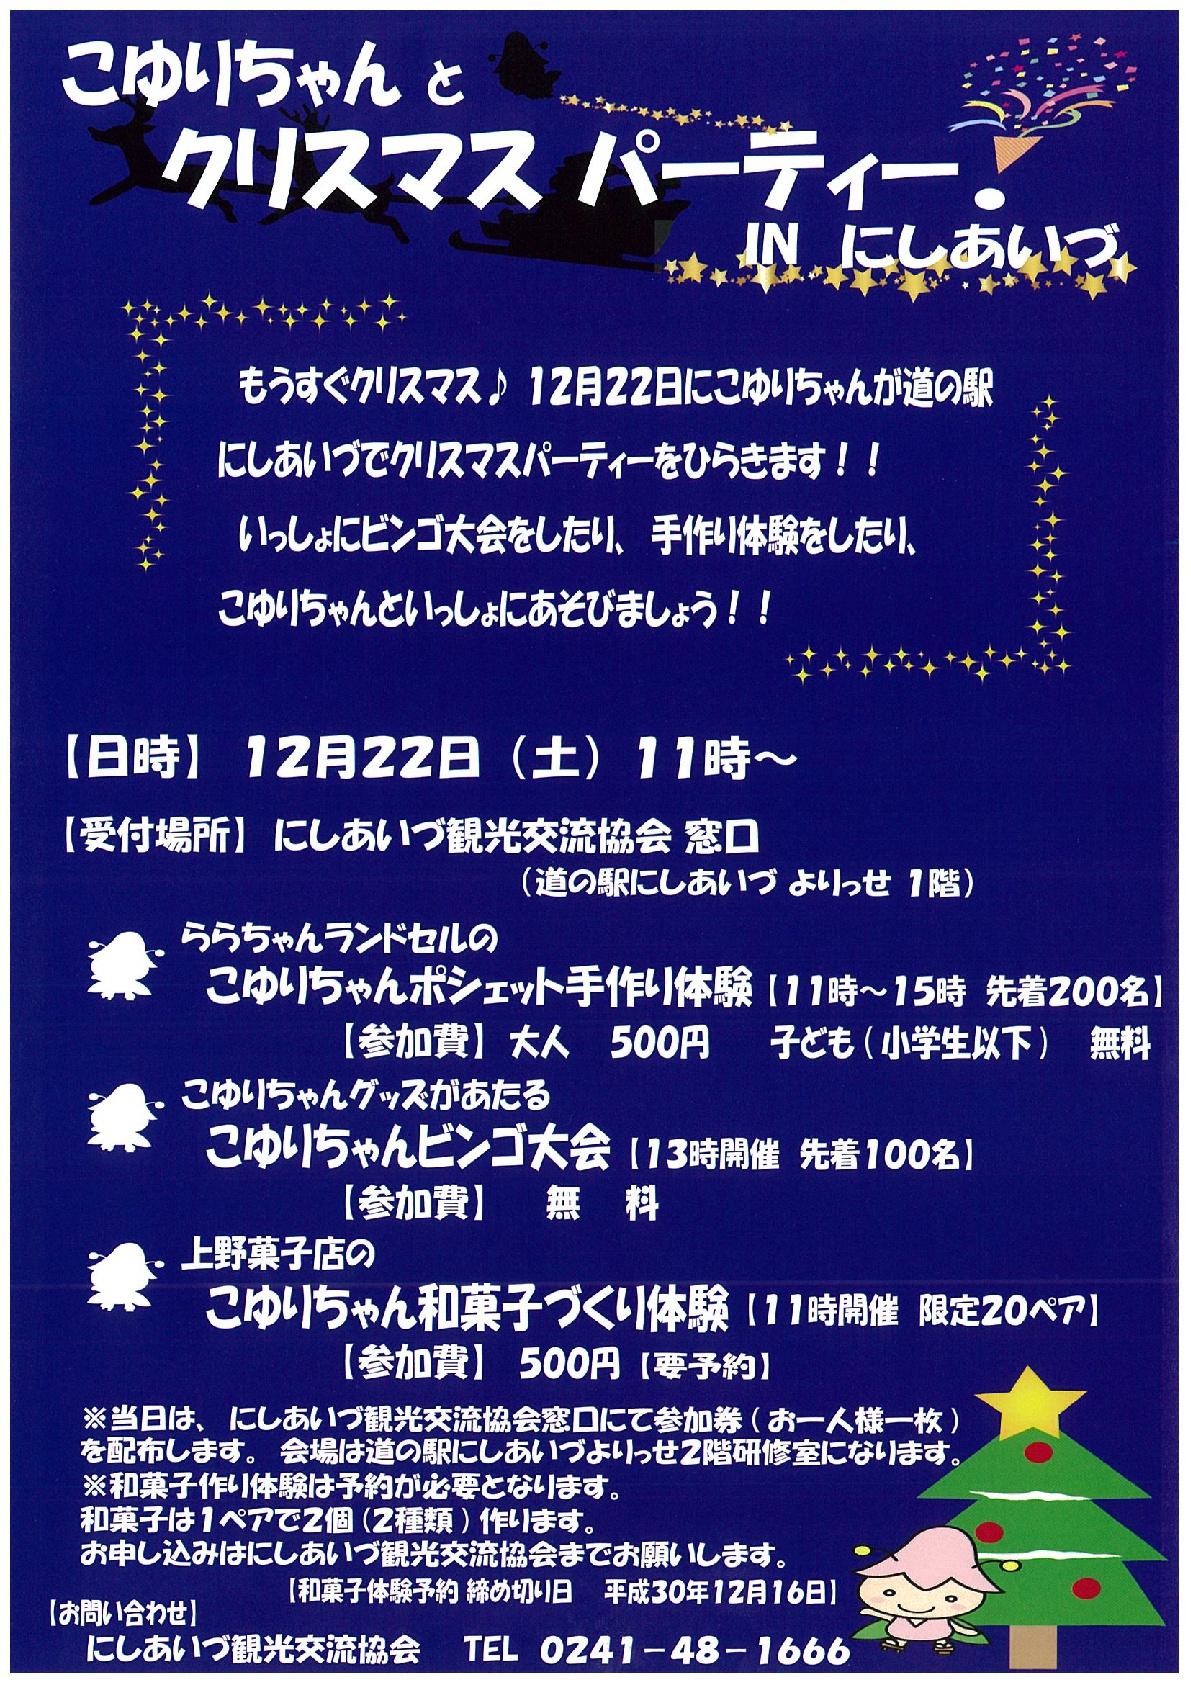 20181211091802-001.jpg